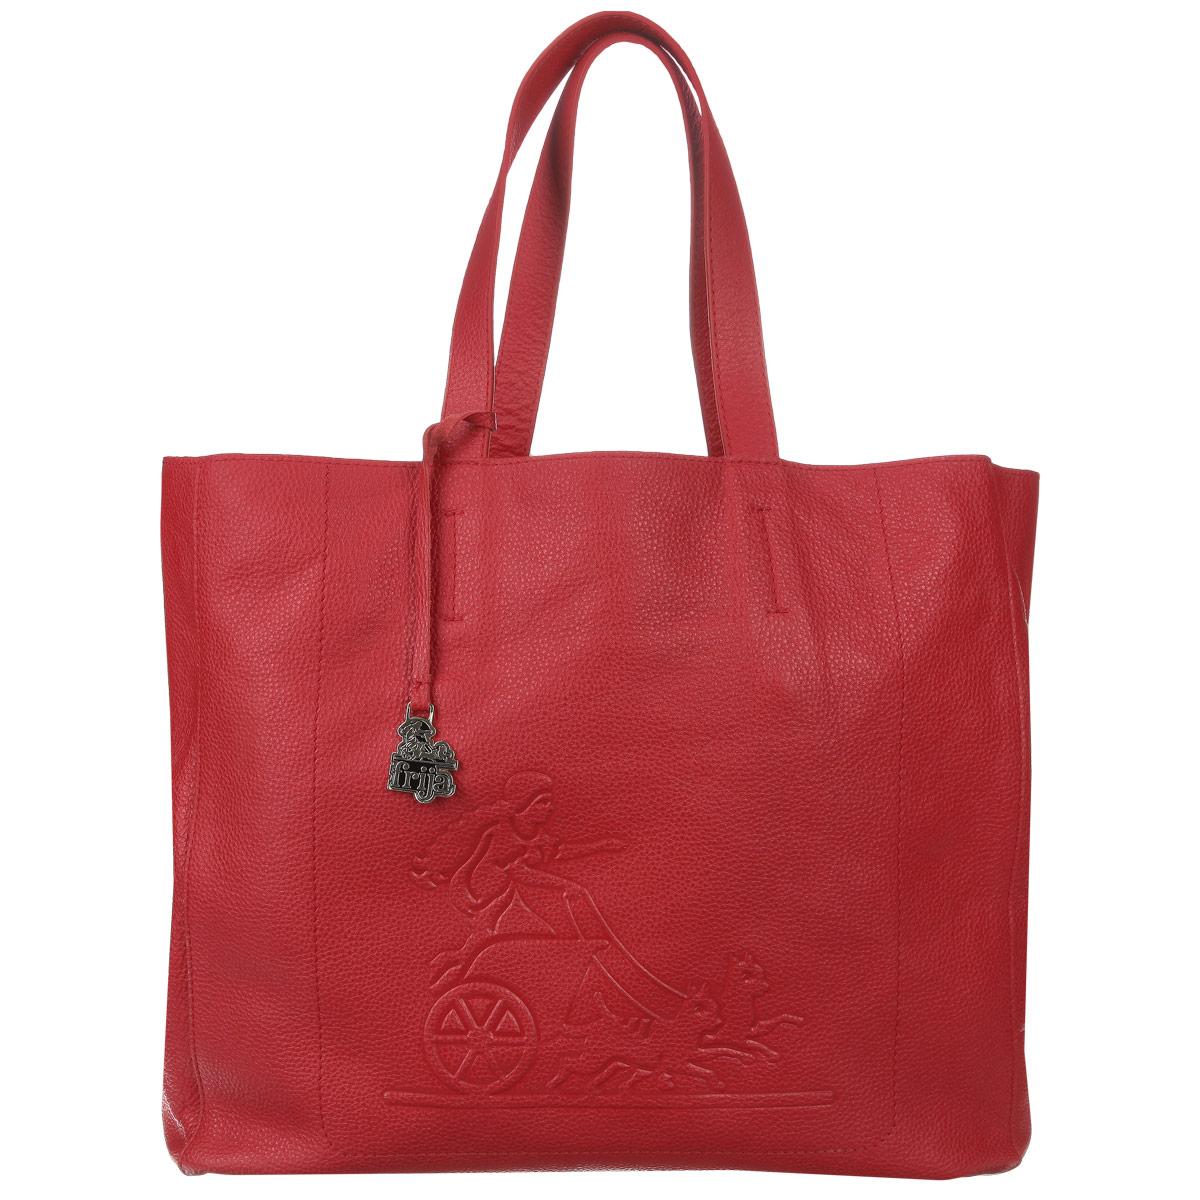 Сумка женская Frija, цвет: красный. 21-0202-13-FL21-0202-13-FLСтильная и удобная женская сумка Frija выполнена из мягкой натуральной кожи с фактурной поверхностью. Лицевая сторона изделия оформлена оригинальным тиснением в виде логотипа бренда. Сумка имеет одно вместительное отделение, дополненное накладным карманом на застежке-молнии. Изюминка модели - текстильный вкладыш в главном отделении, который крепится к корпусу сумки при помощи кнопок, закрывается на удобную застежку-молнию. Внутри вкладыша - врезной карман на застежке-молнии. Сумка оснащена двумя удобными ручками, позволяющими носить её на плече. Изделие упаковано в фирменный чехол. Сумка Frija - это стильный аксессуар, который подчеркнет вашу изысканность и индивидуальность и сделает ваш образ завершенным.